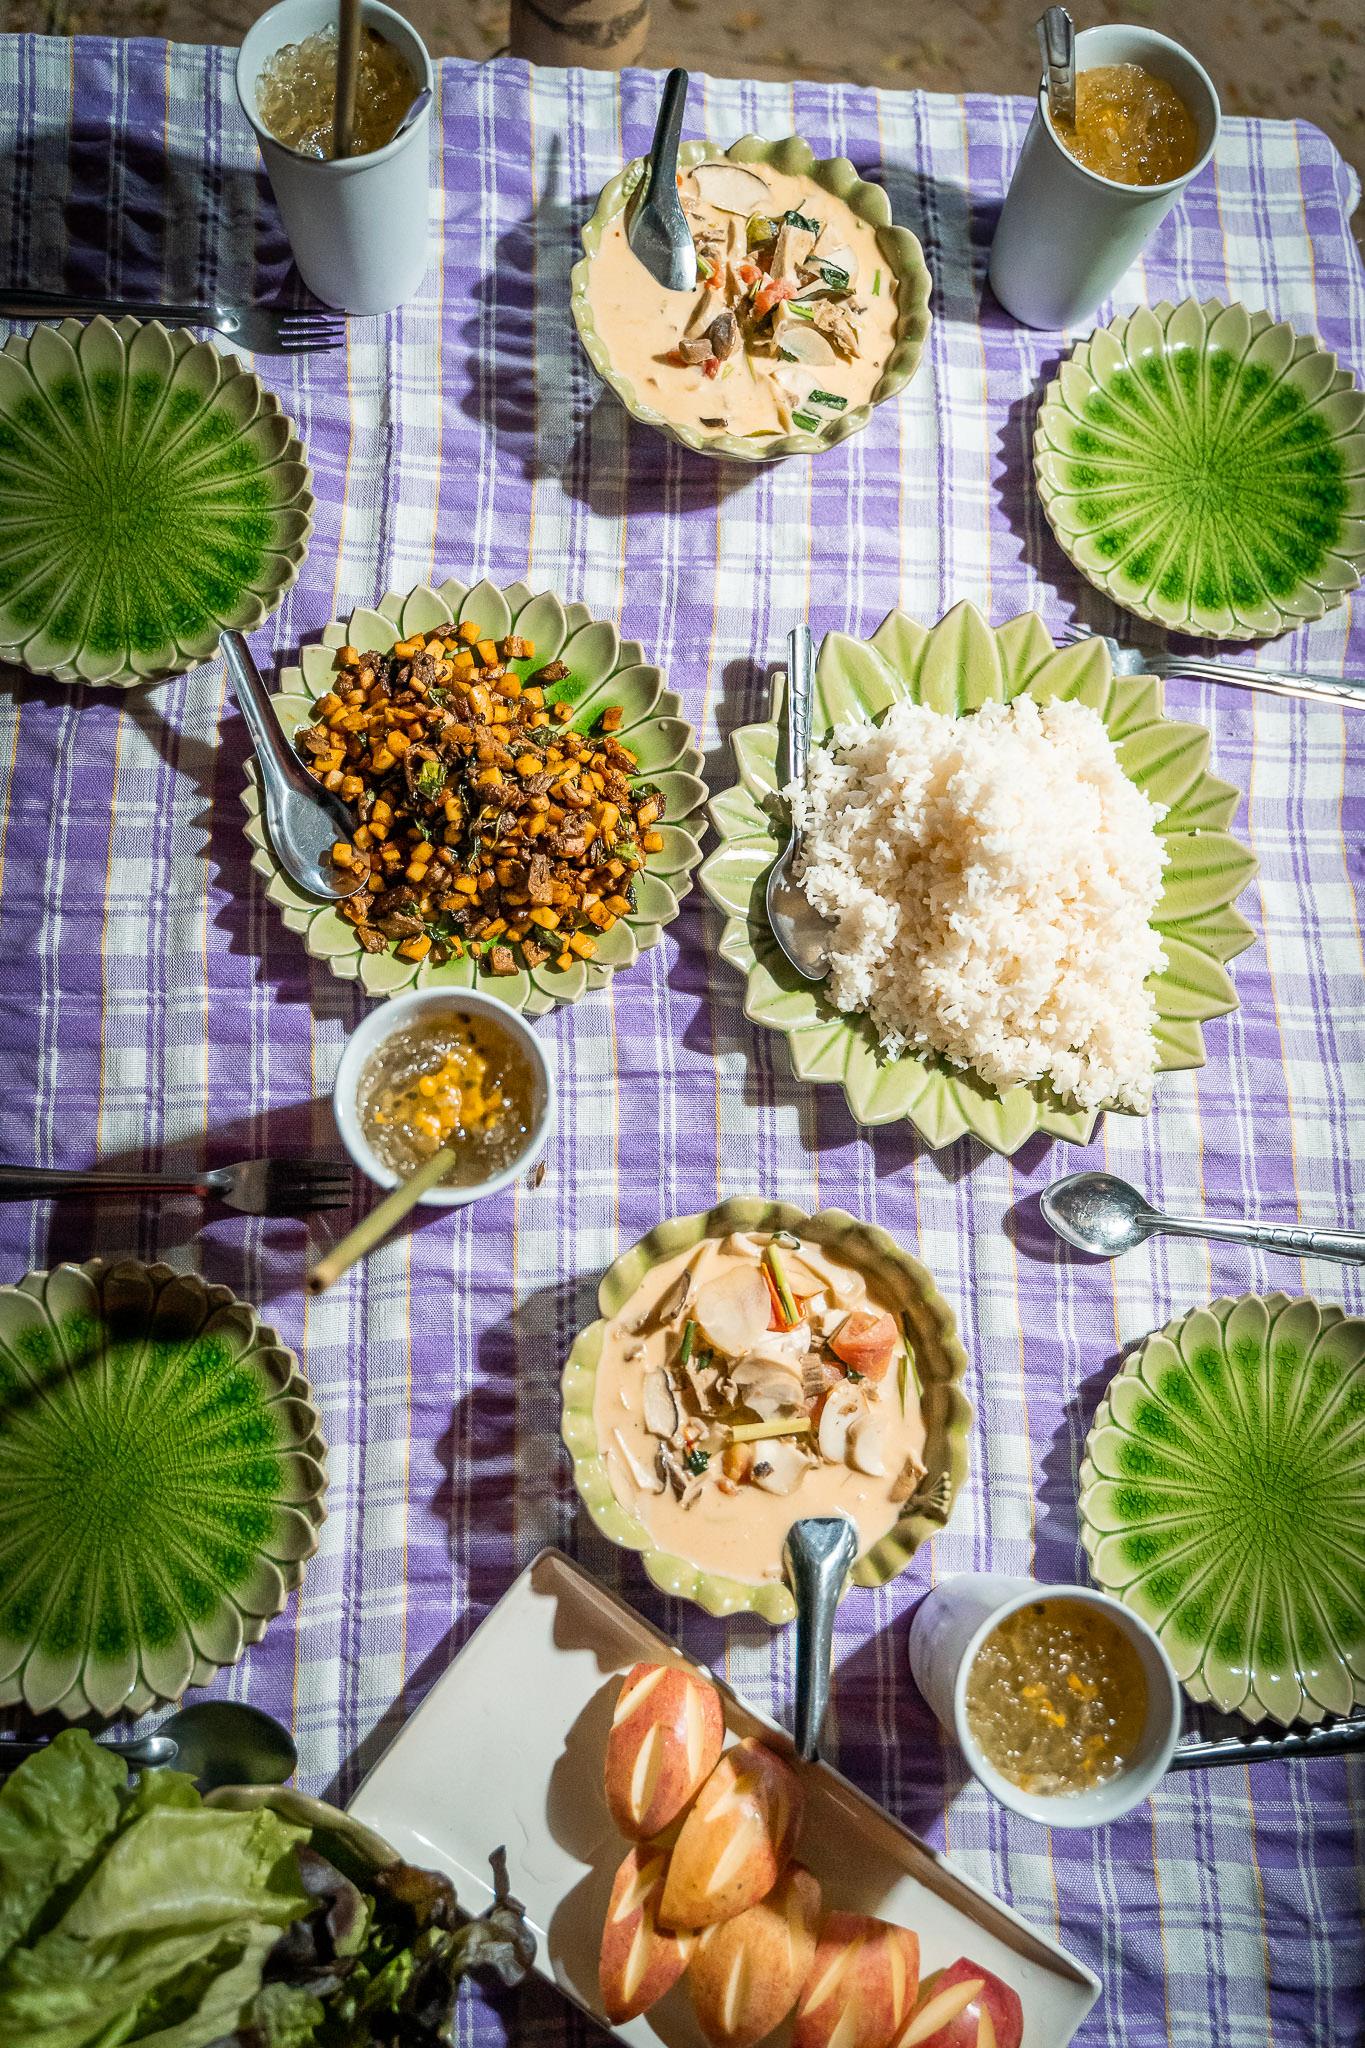 2019-02-10 - Vegan Town Lampang-Maik-Kleinert-photographer-videographer-87-2048px.jpg